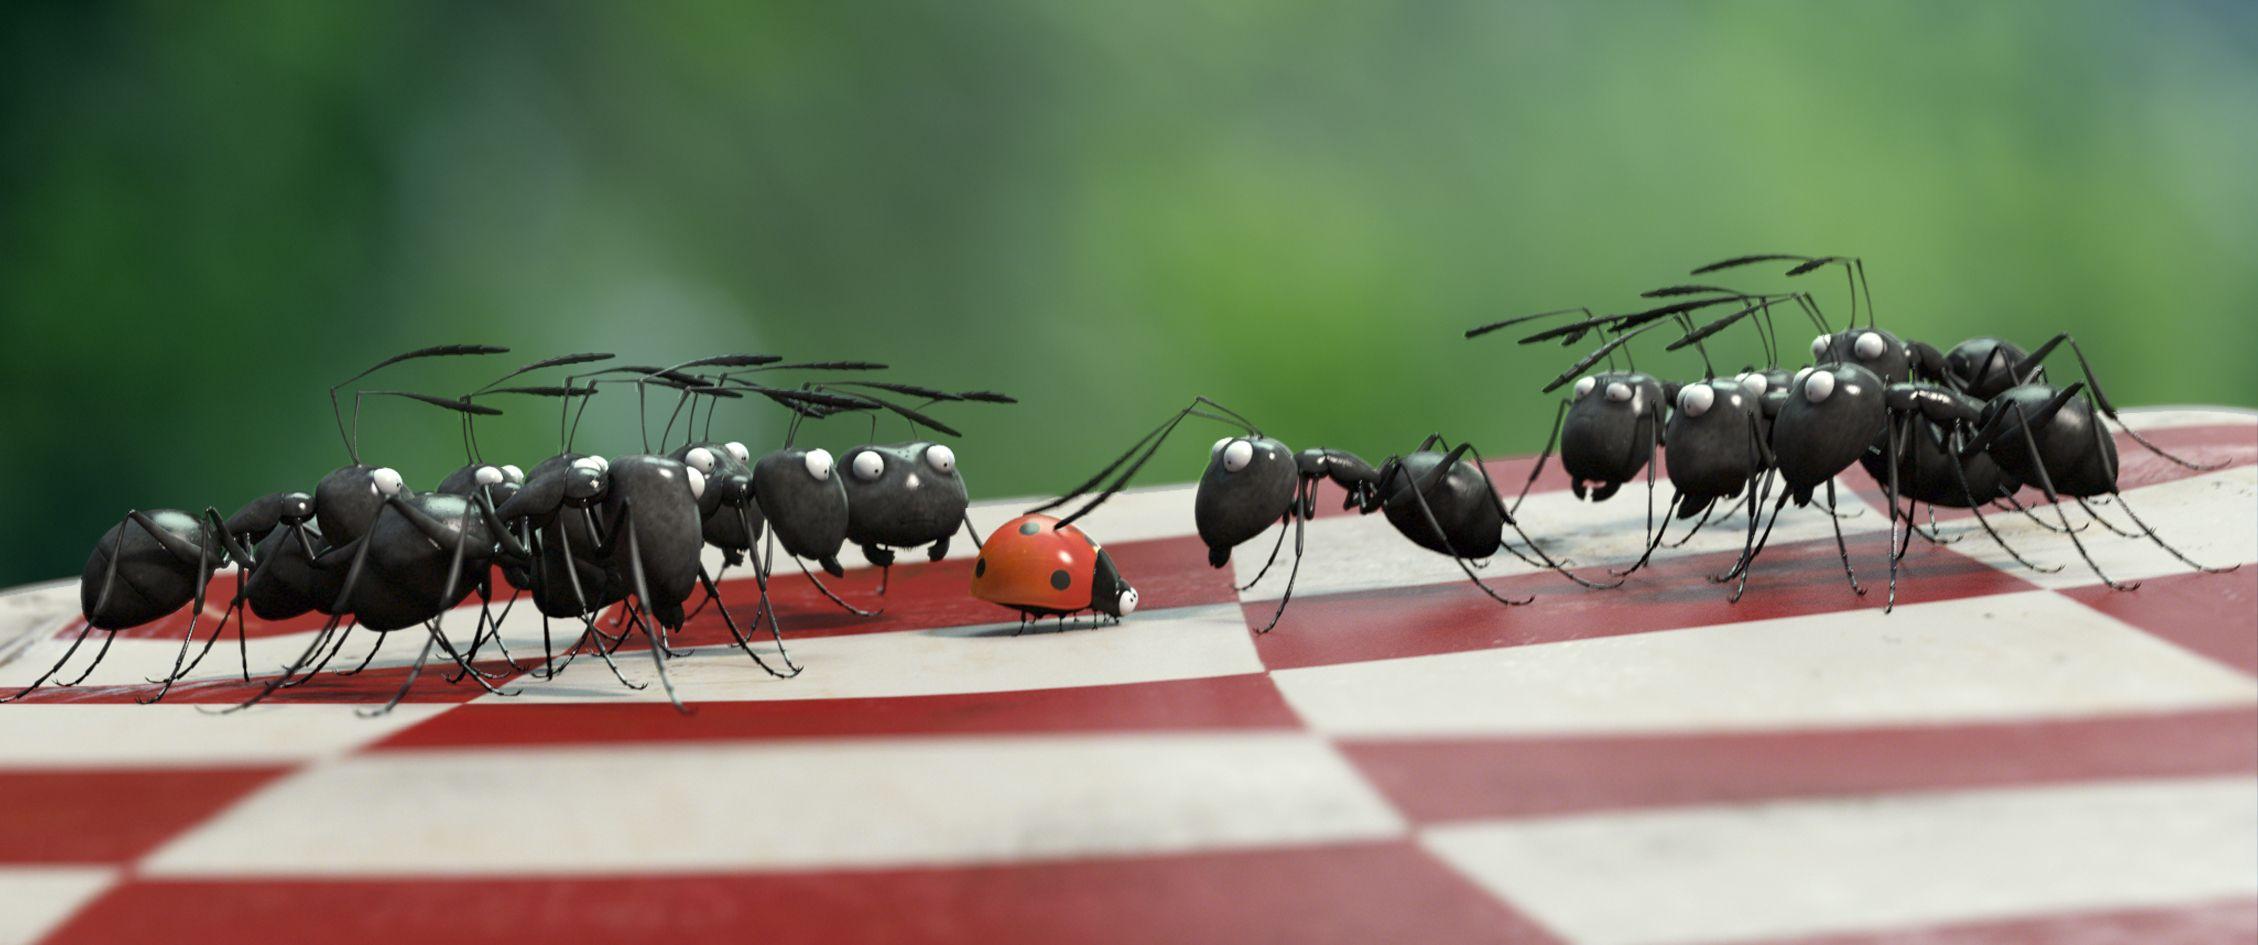 Formiche affamate e combattive in una scena di MINUSCULE - La valle delle formiche perdute